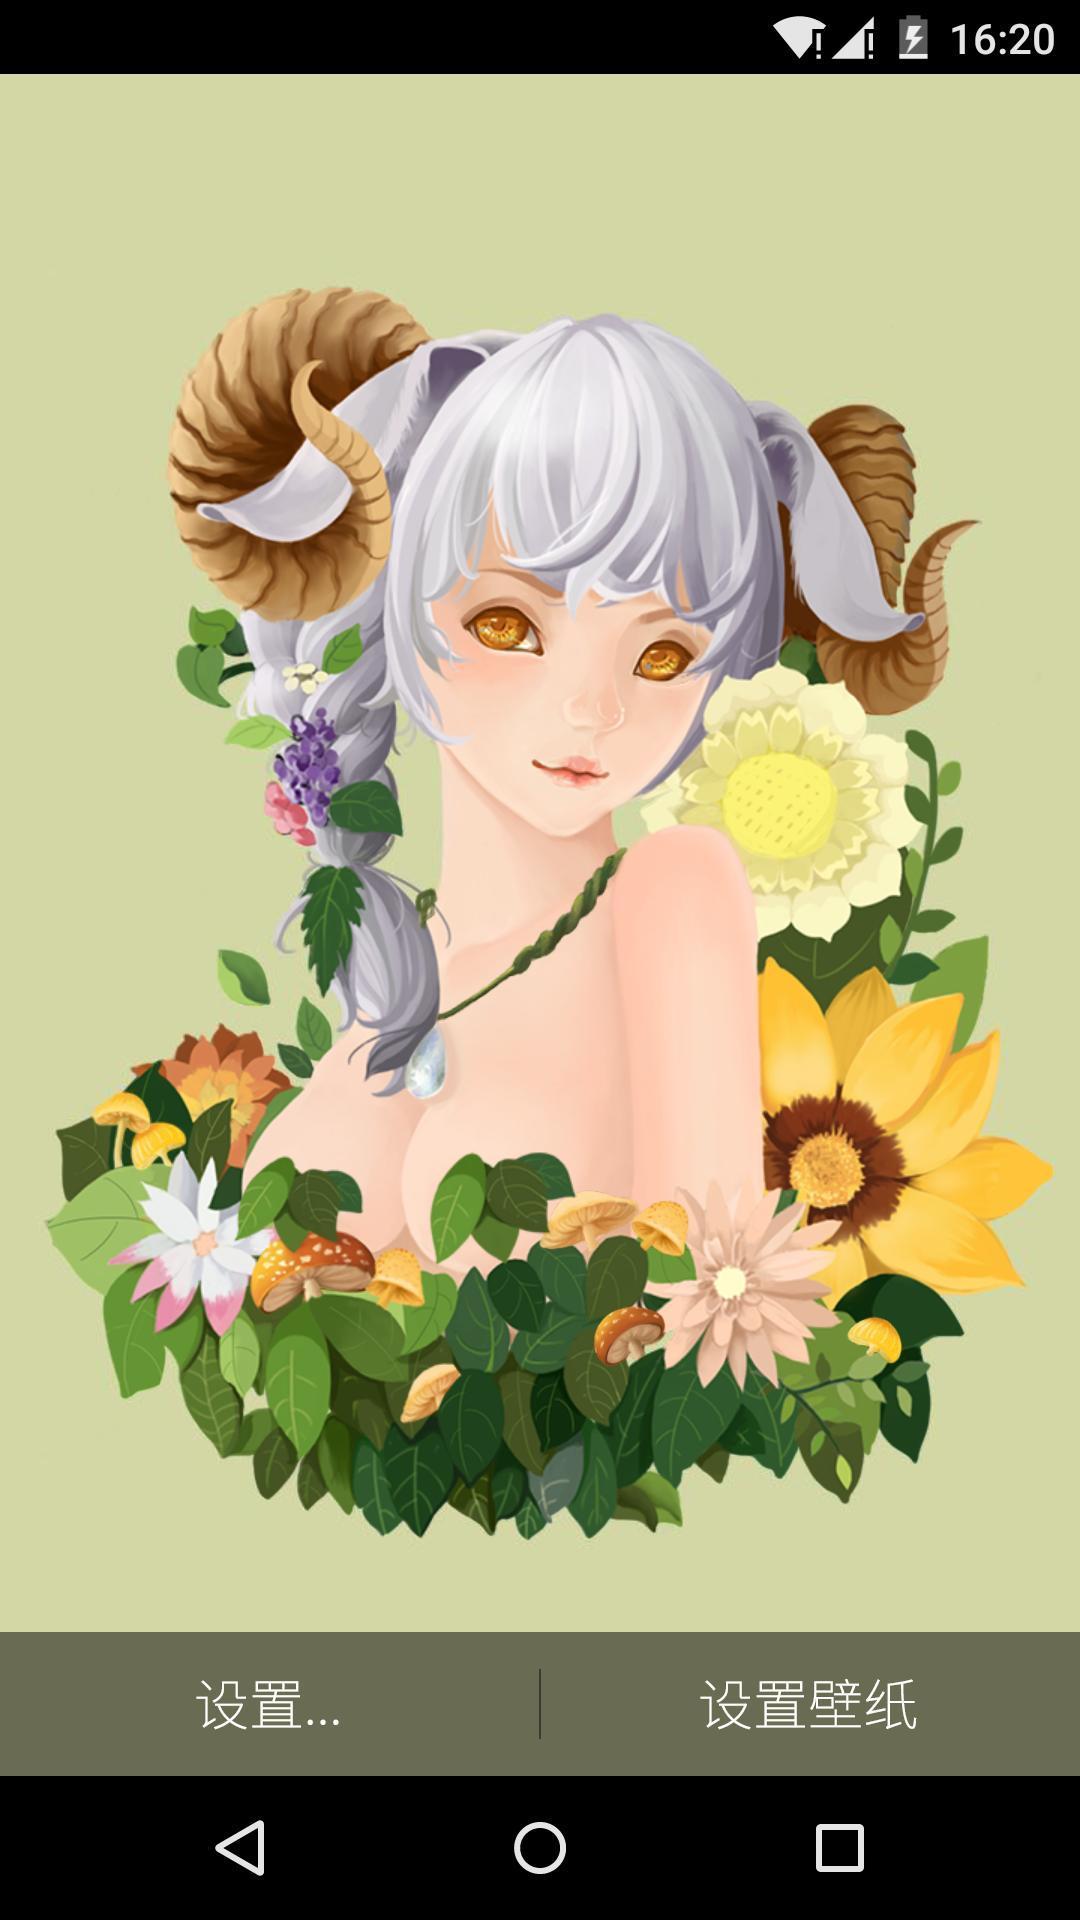 森林之女-梦象动态壁纸